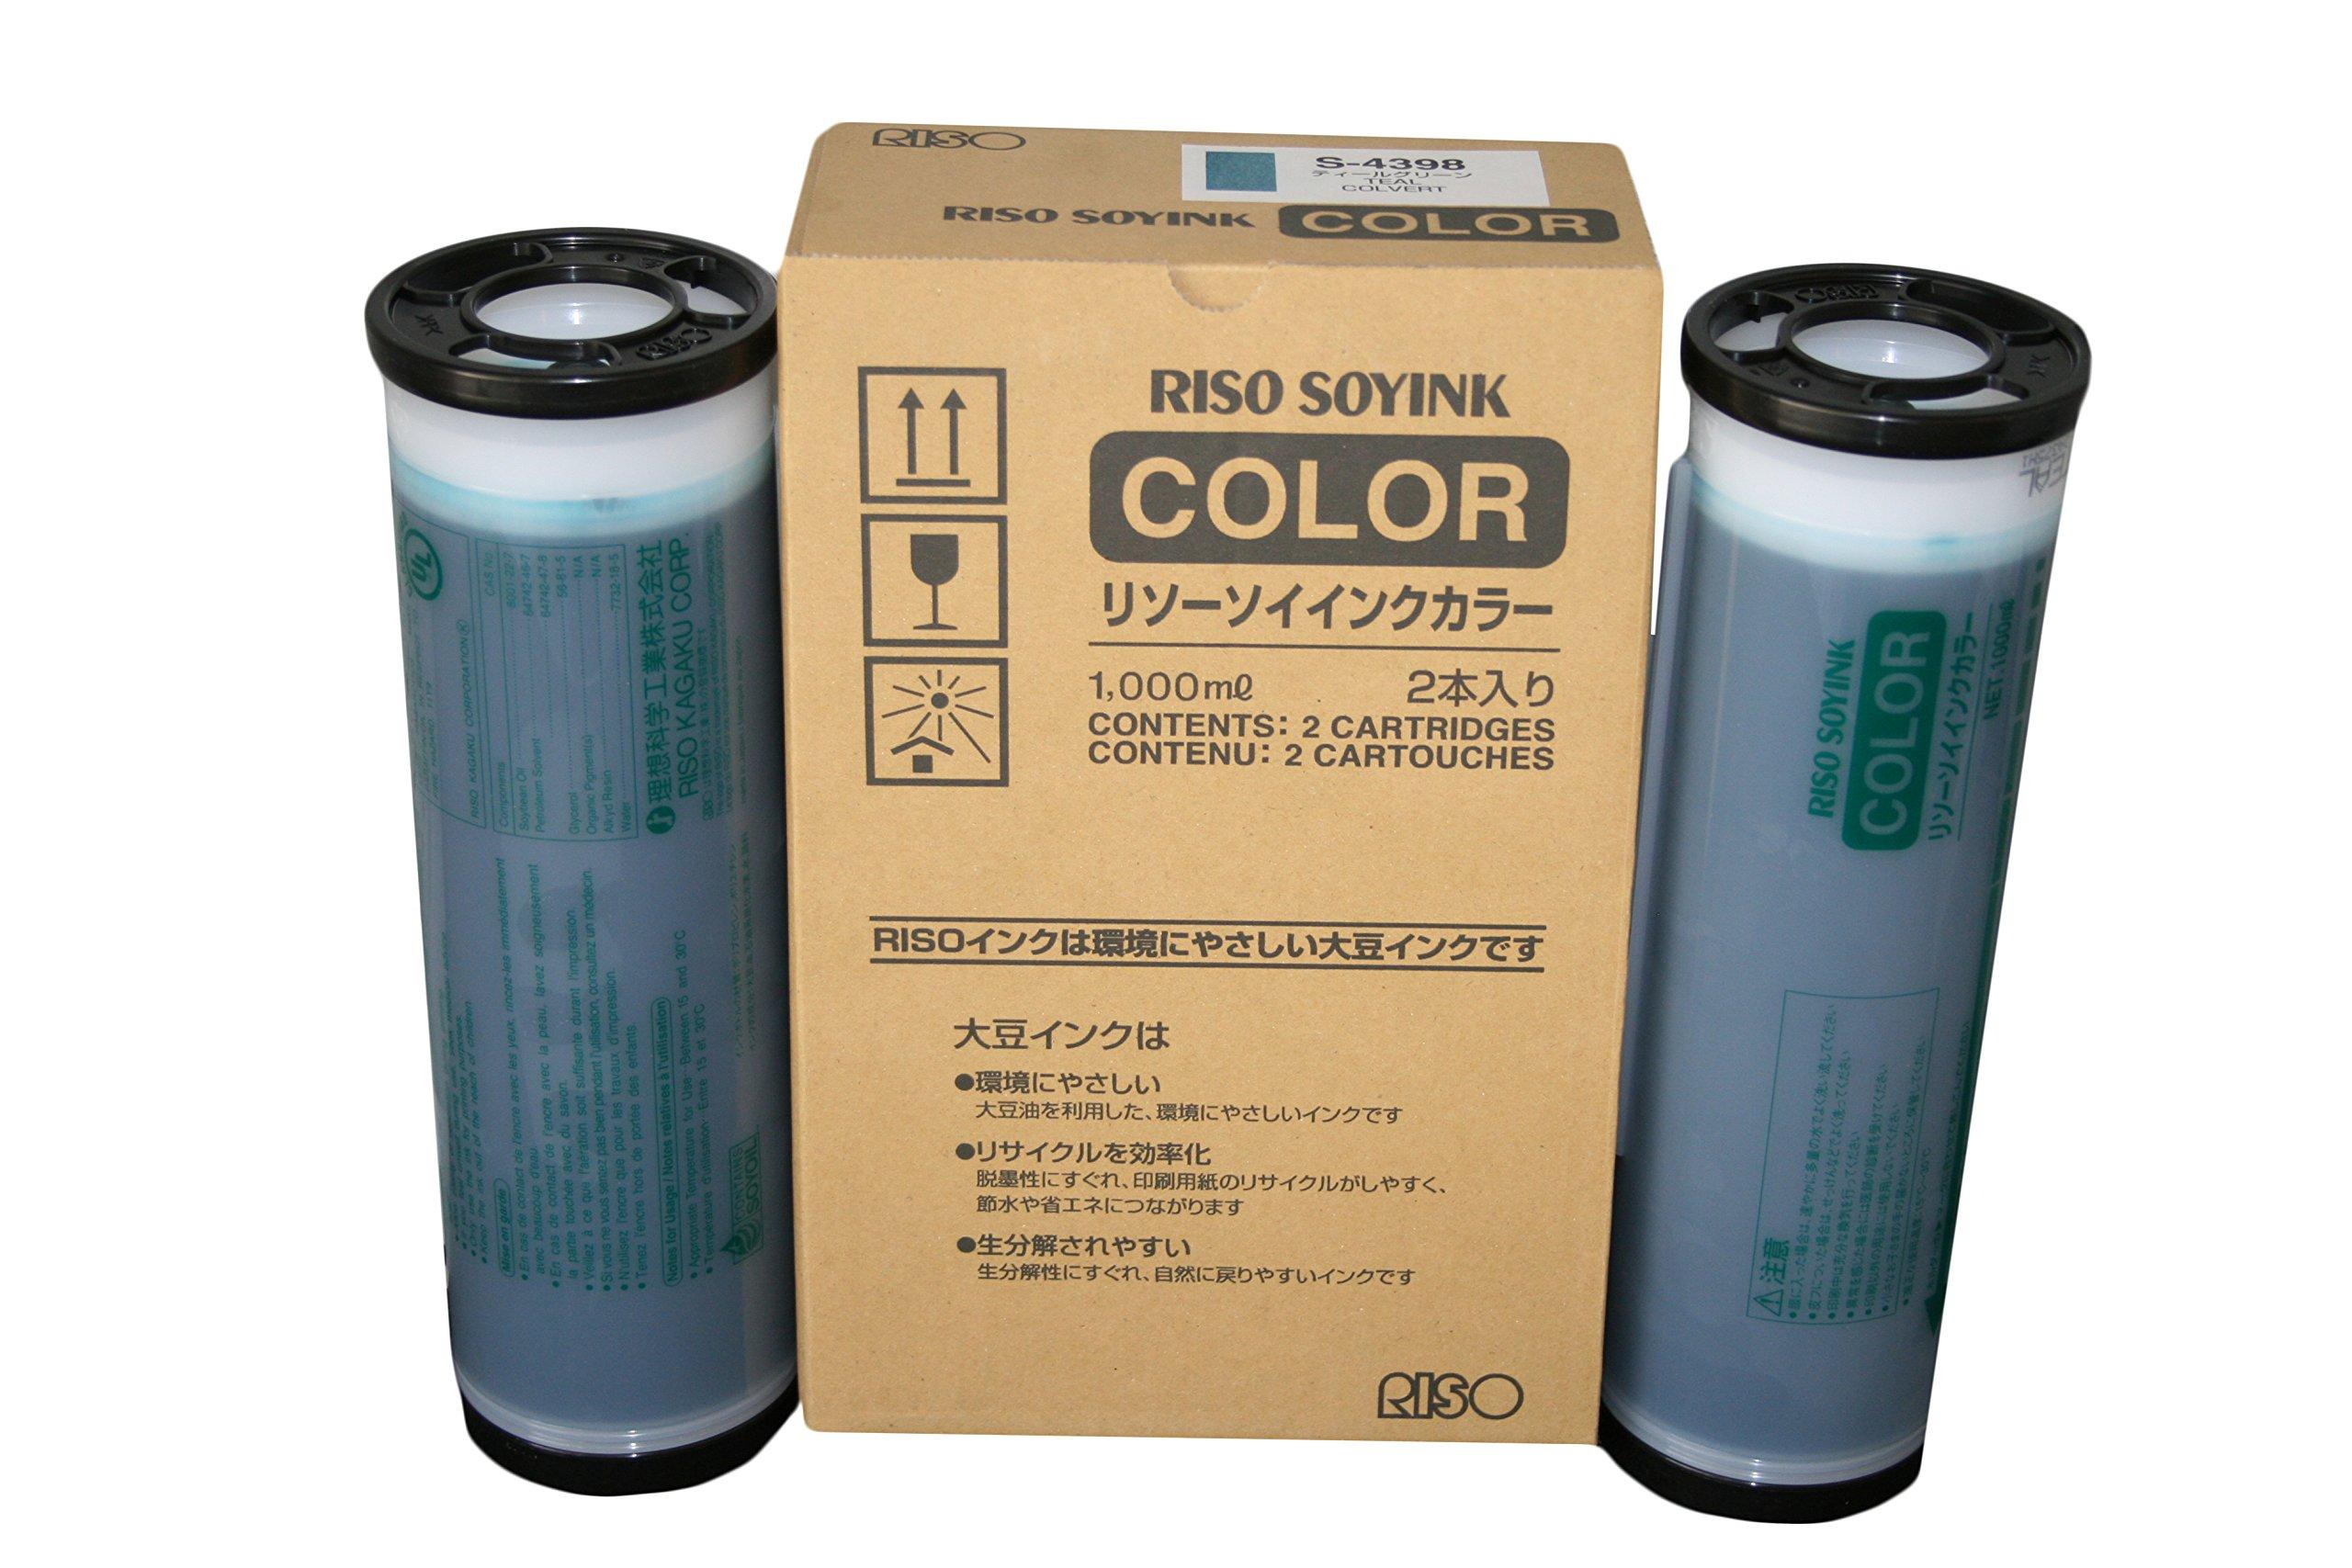 Riso Teal Ink - Gr/fr/rn/rp